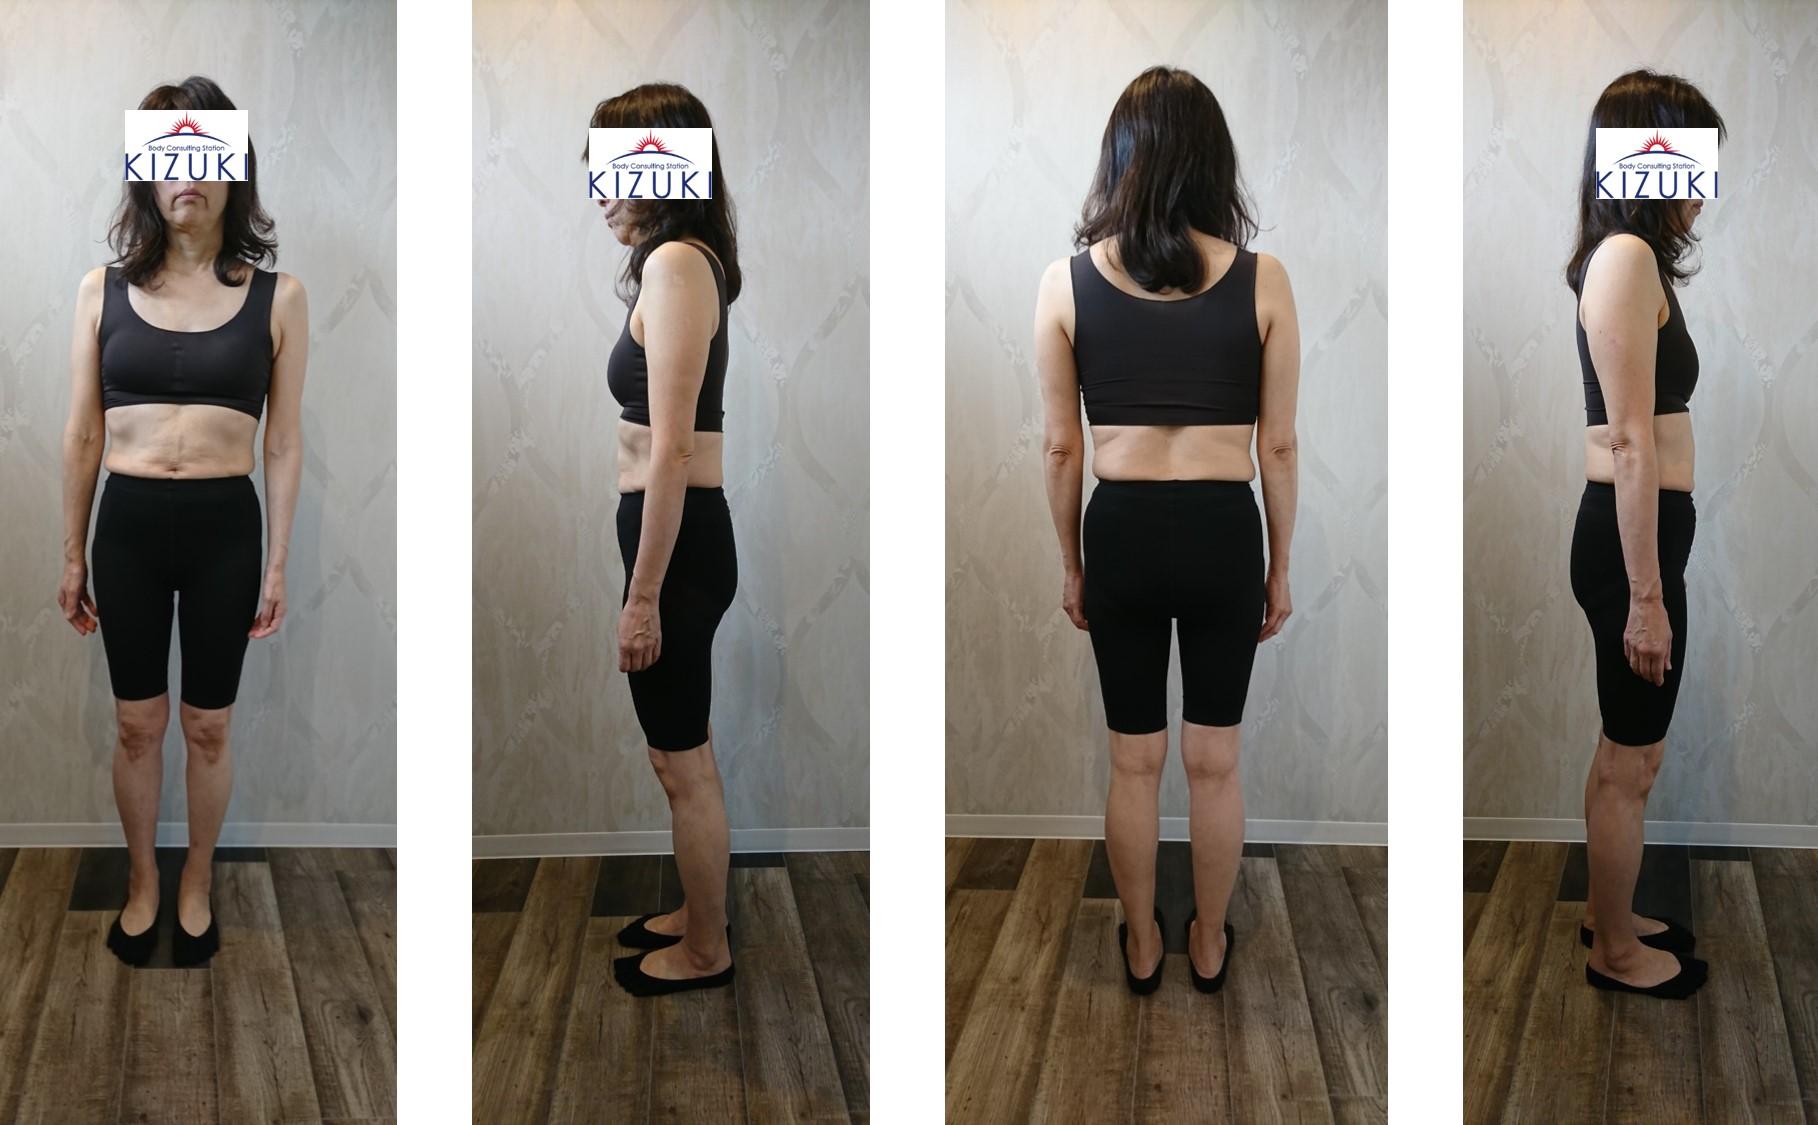 『鍛えて、健康でケガしない身体へ』シェイプアップストイックコースチャレンジ No.3